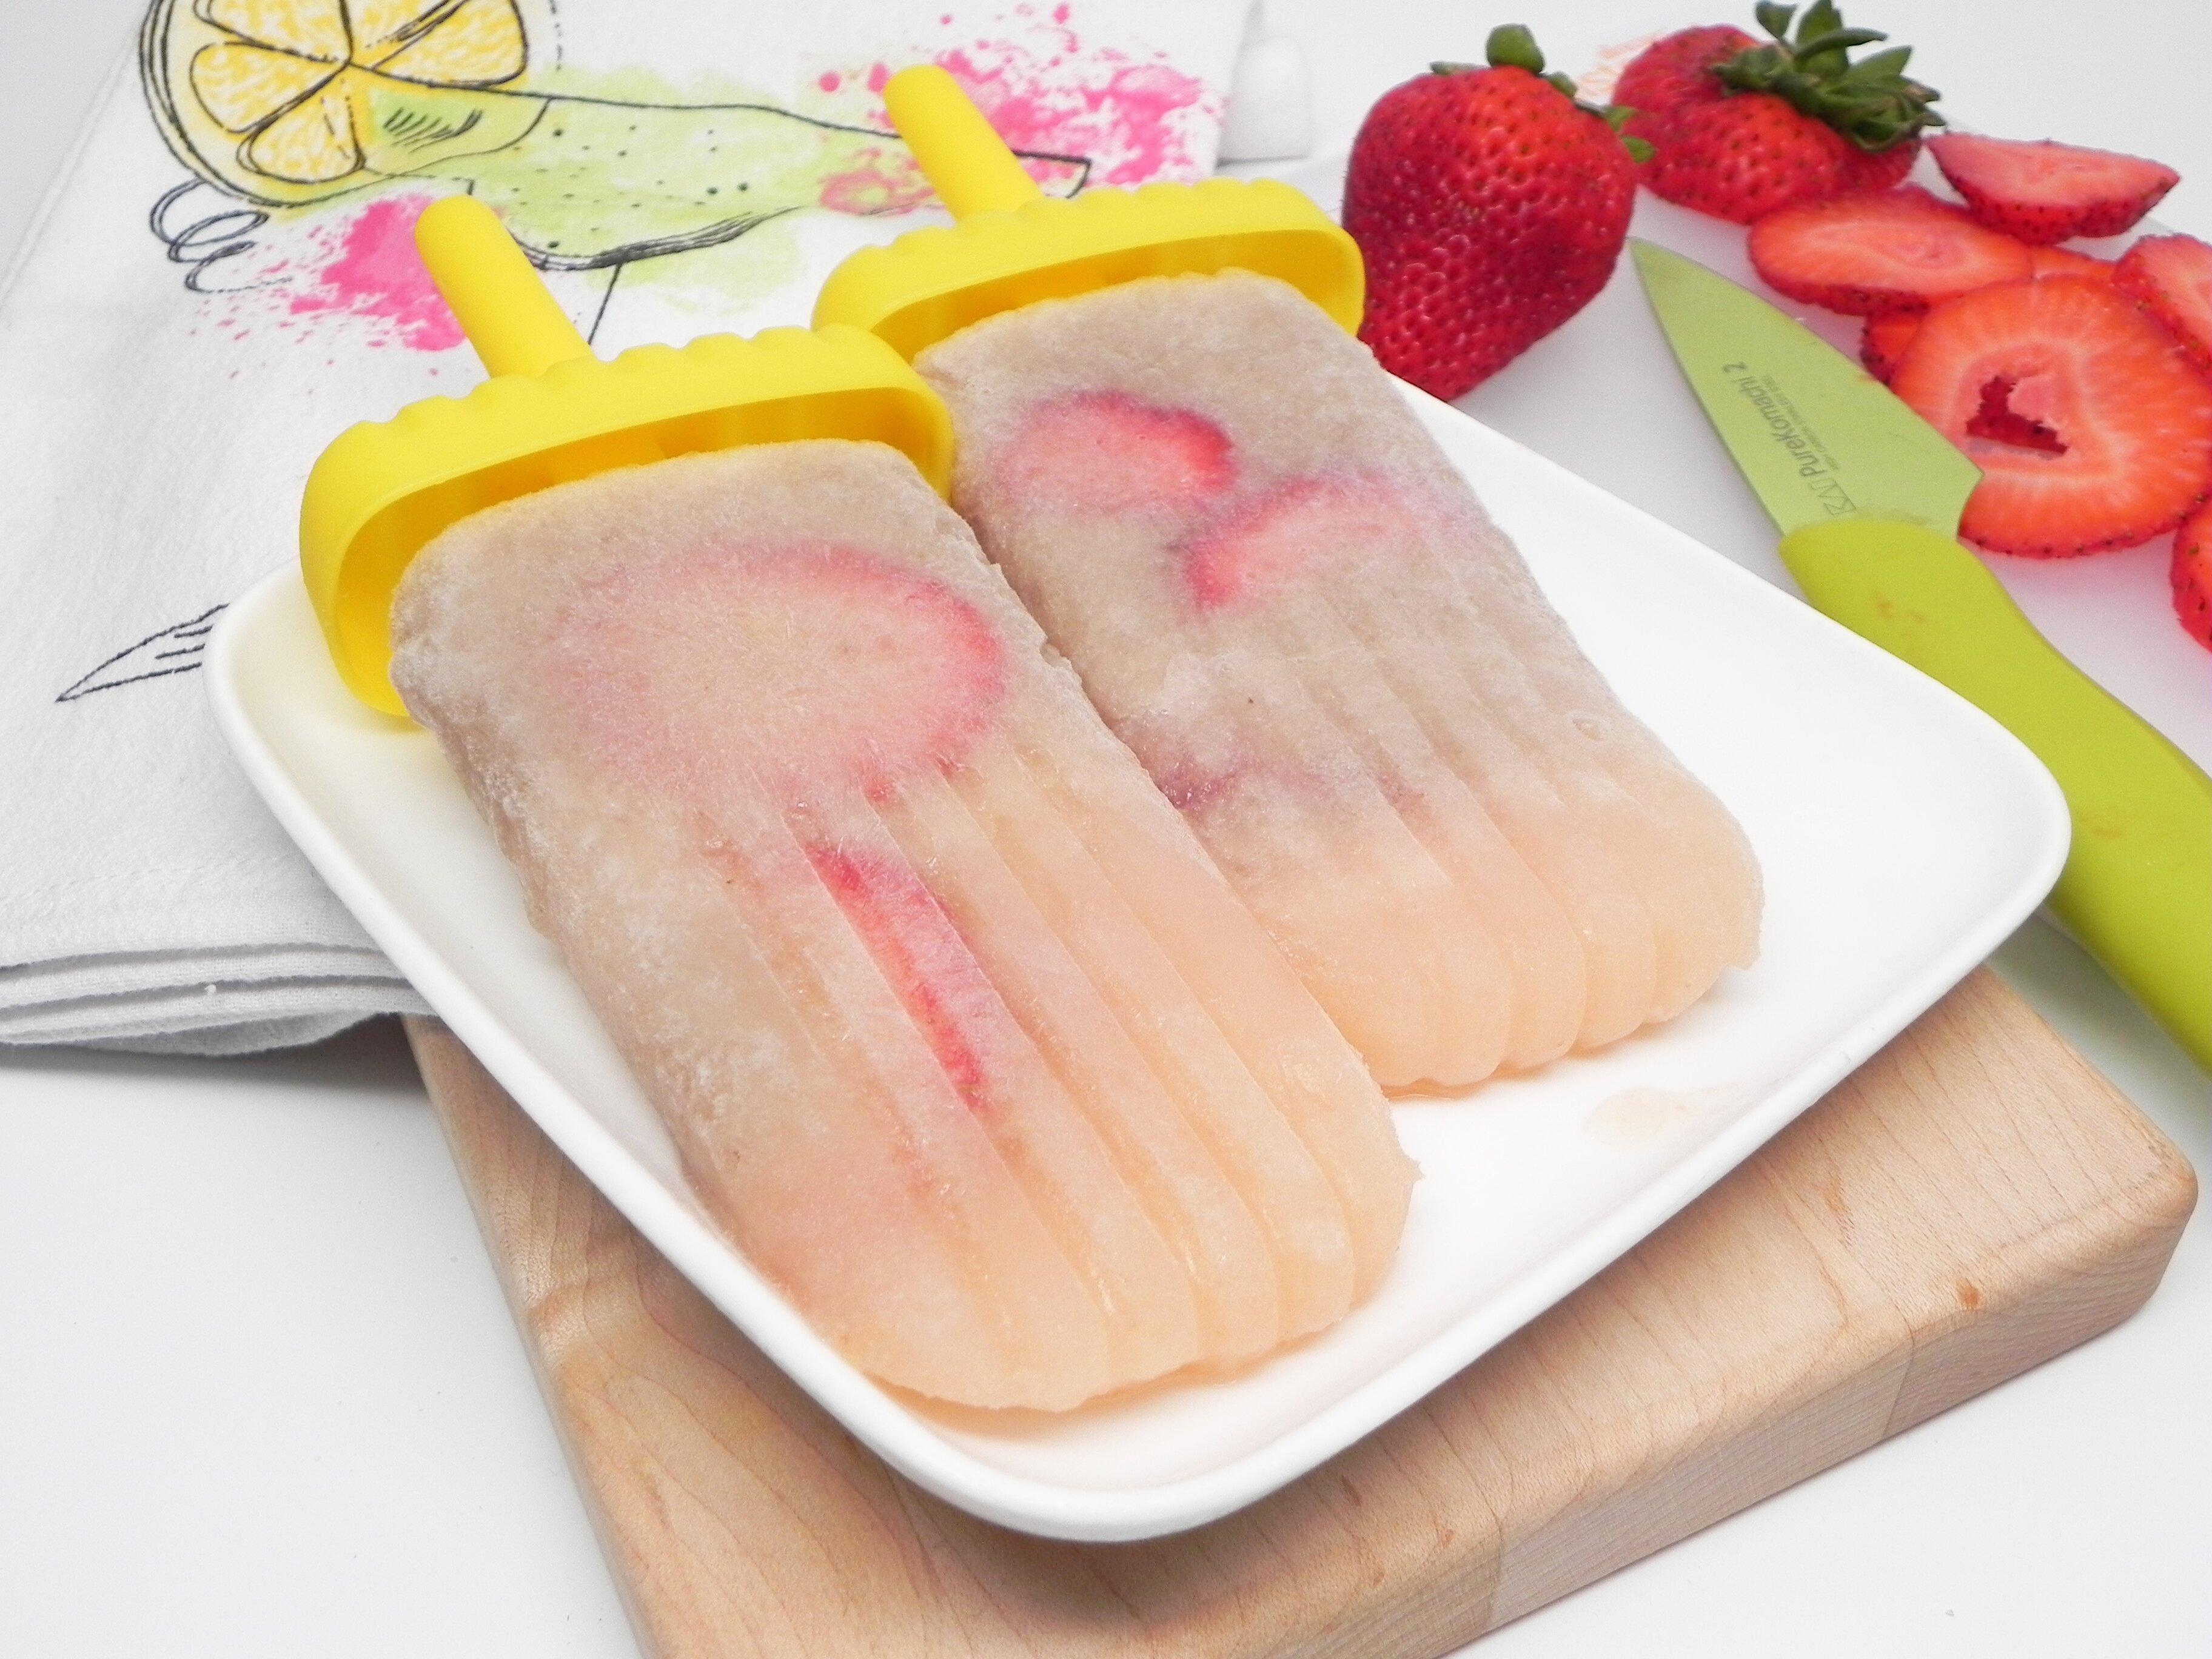 strawberry banana daiquiri ice pops